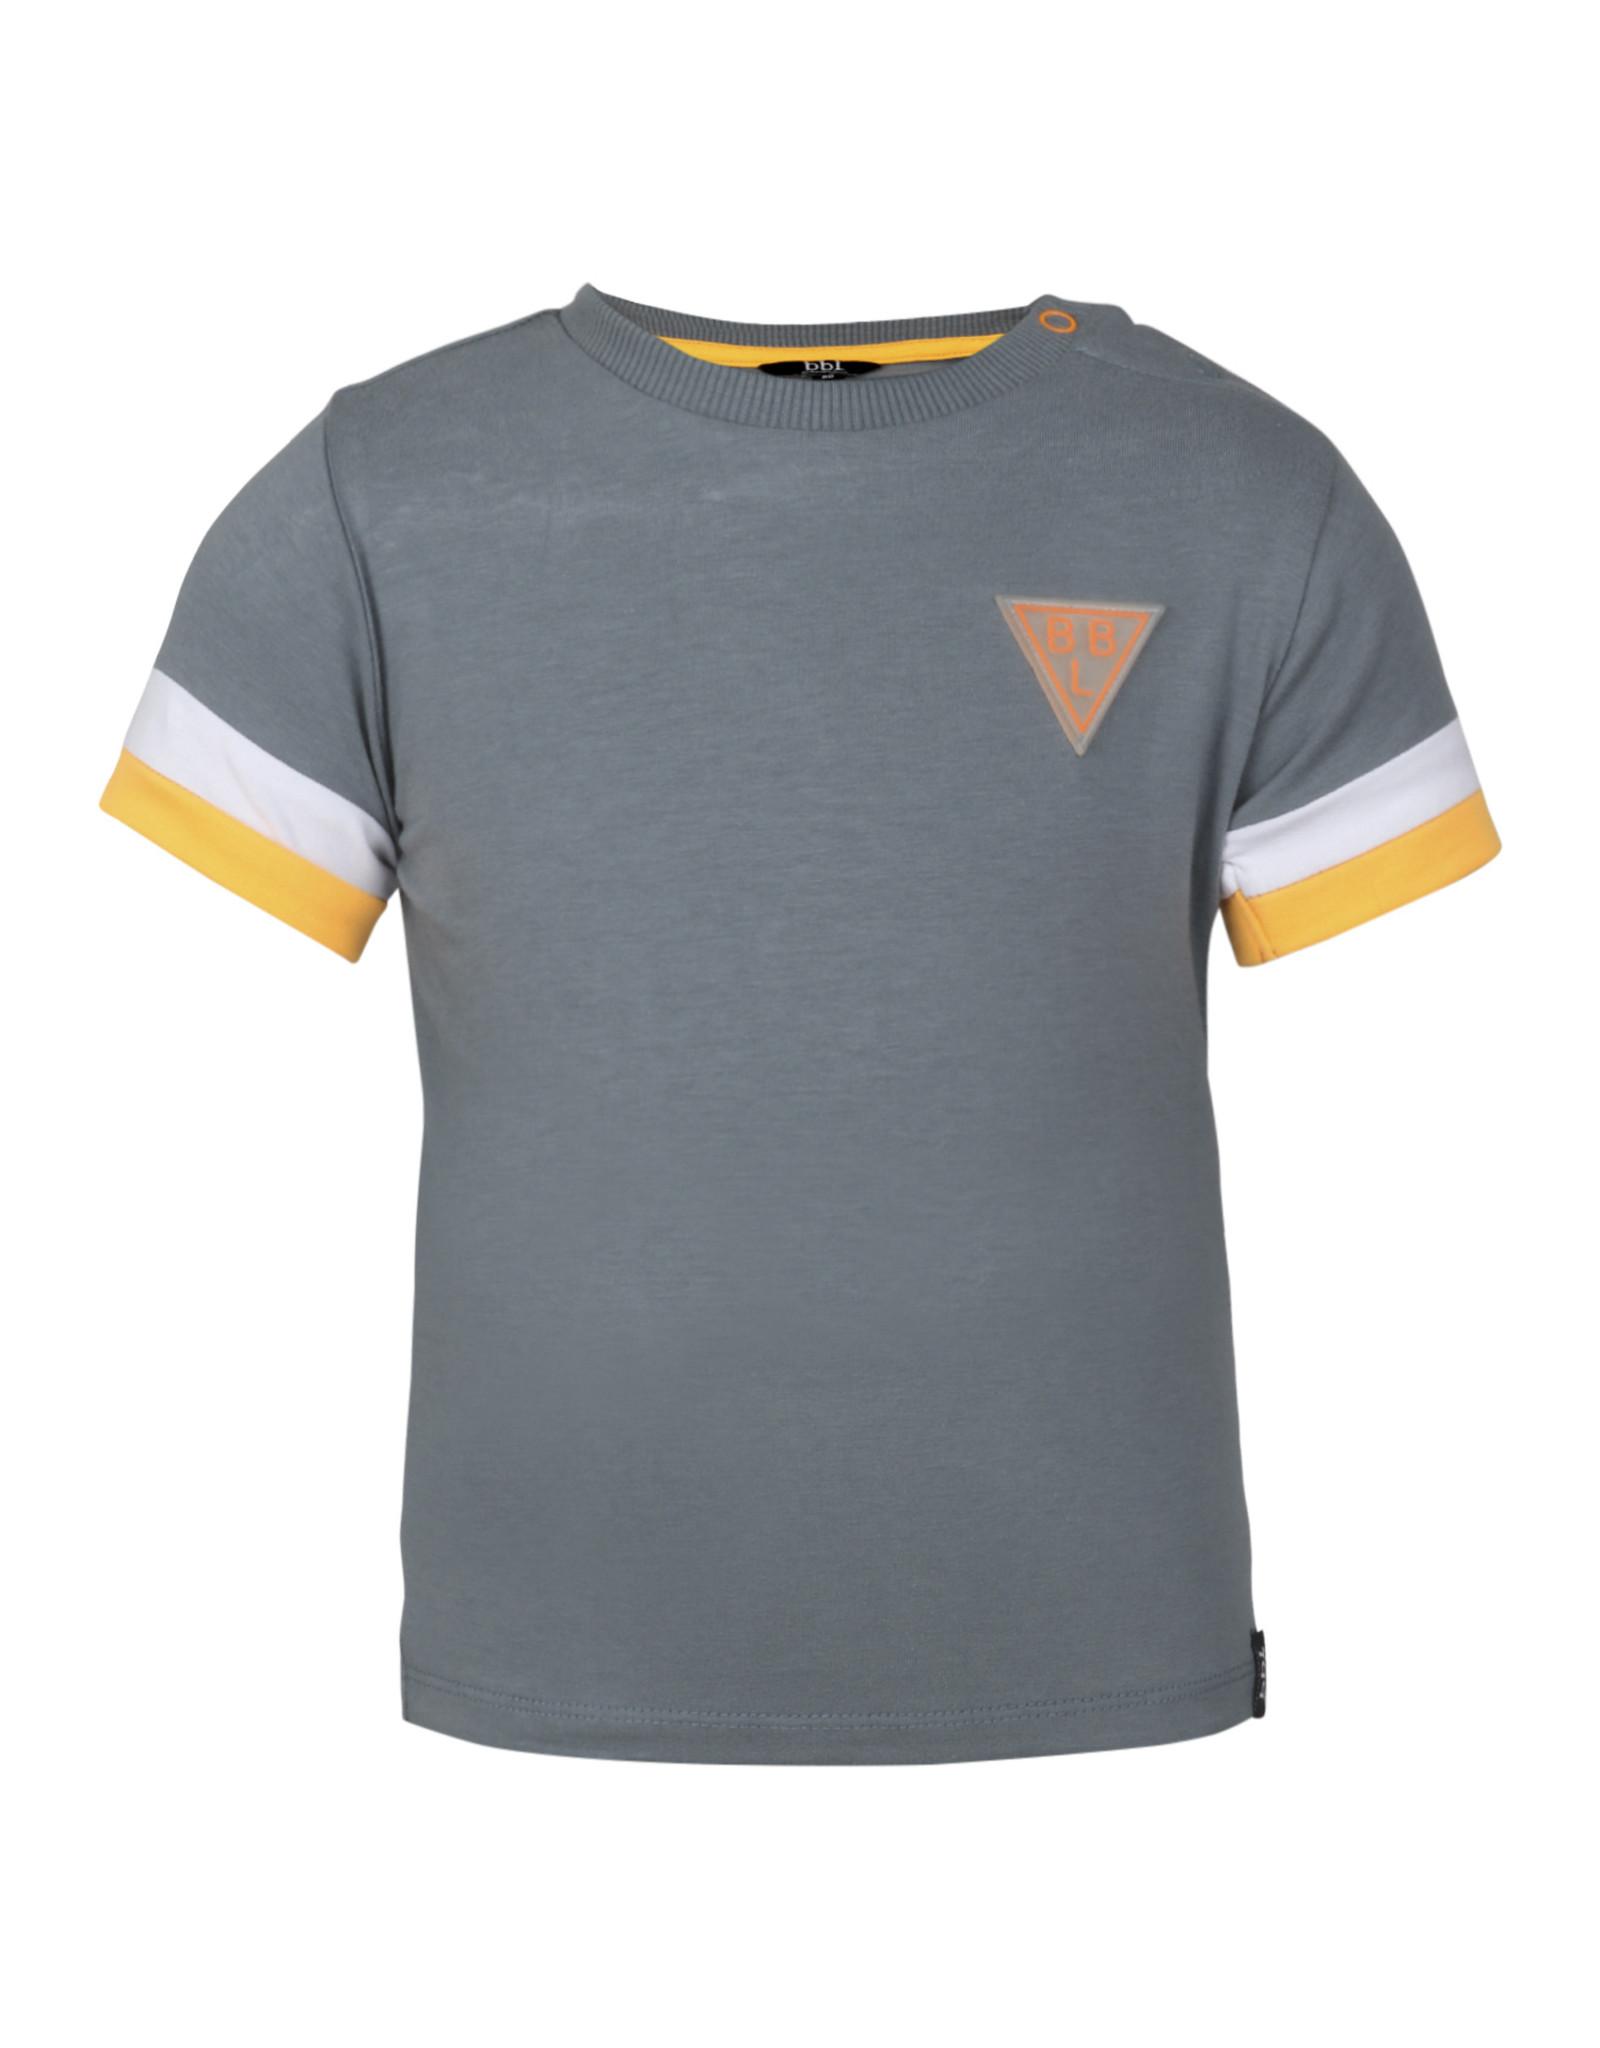 Beebielove T-shirt, GRN, 15-2604